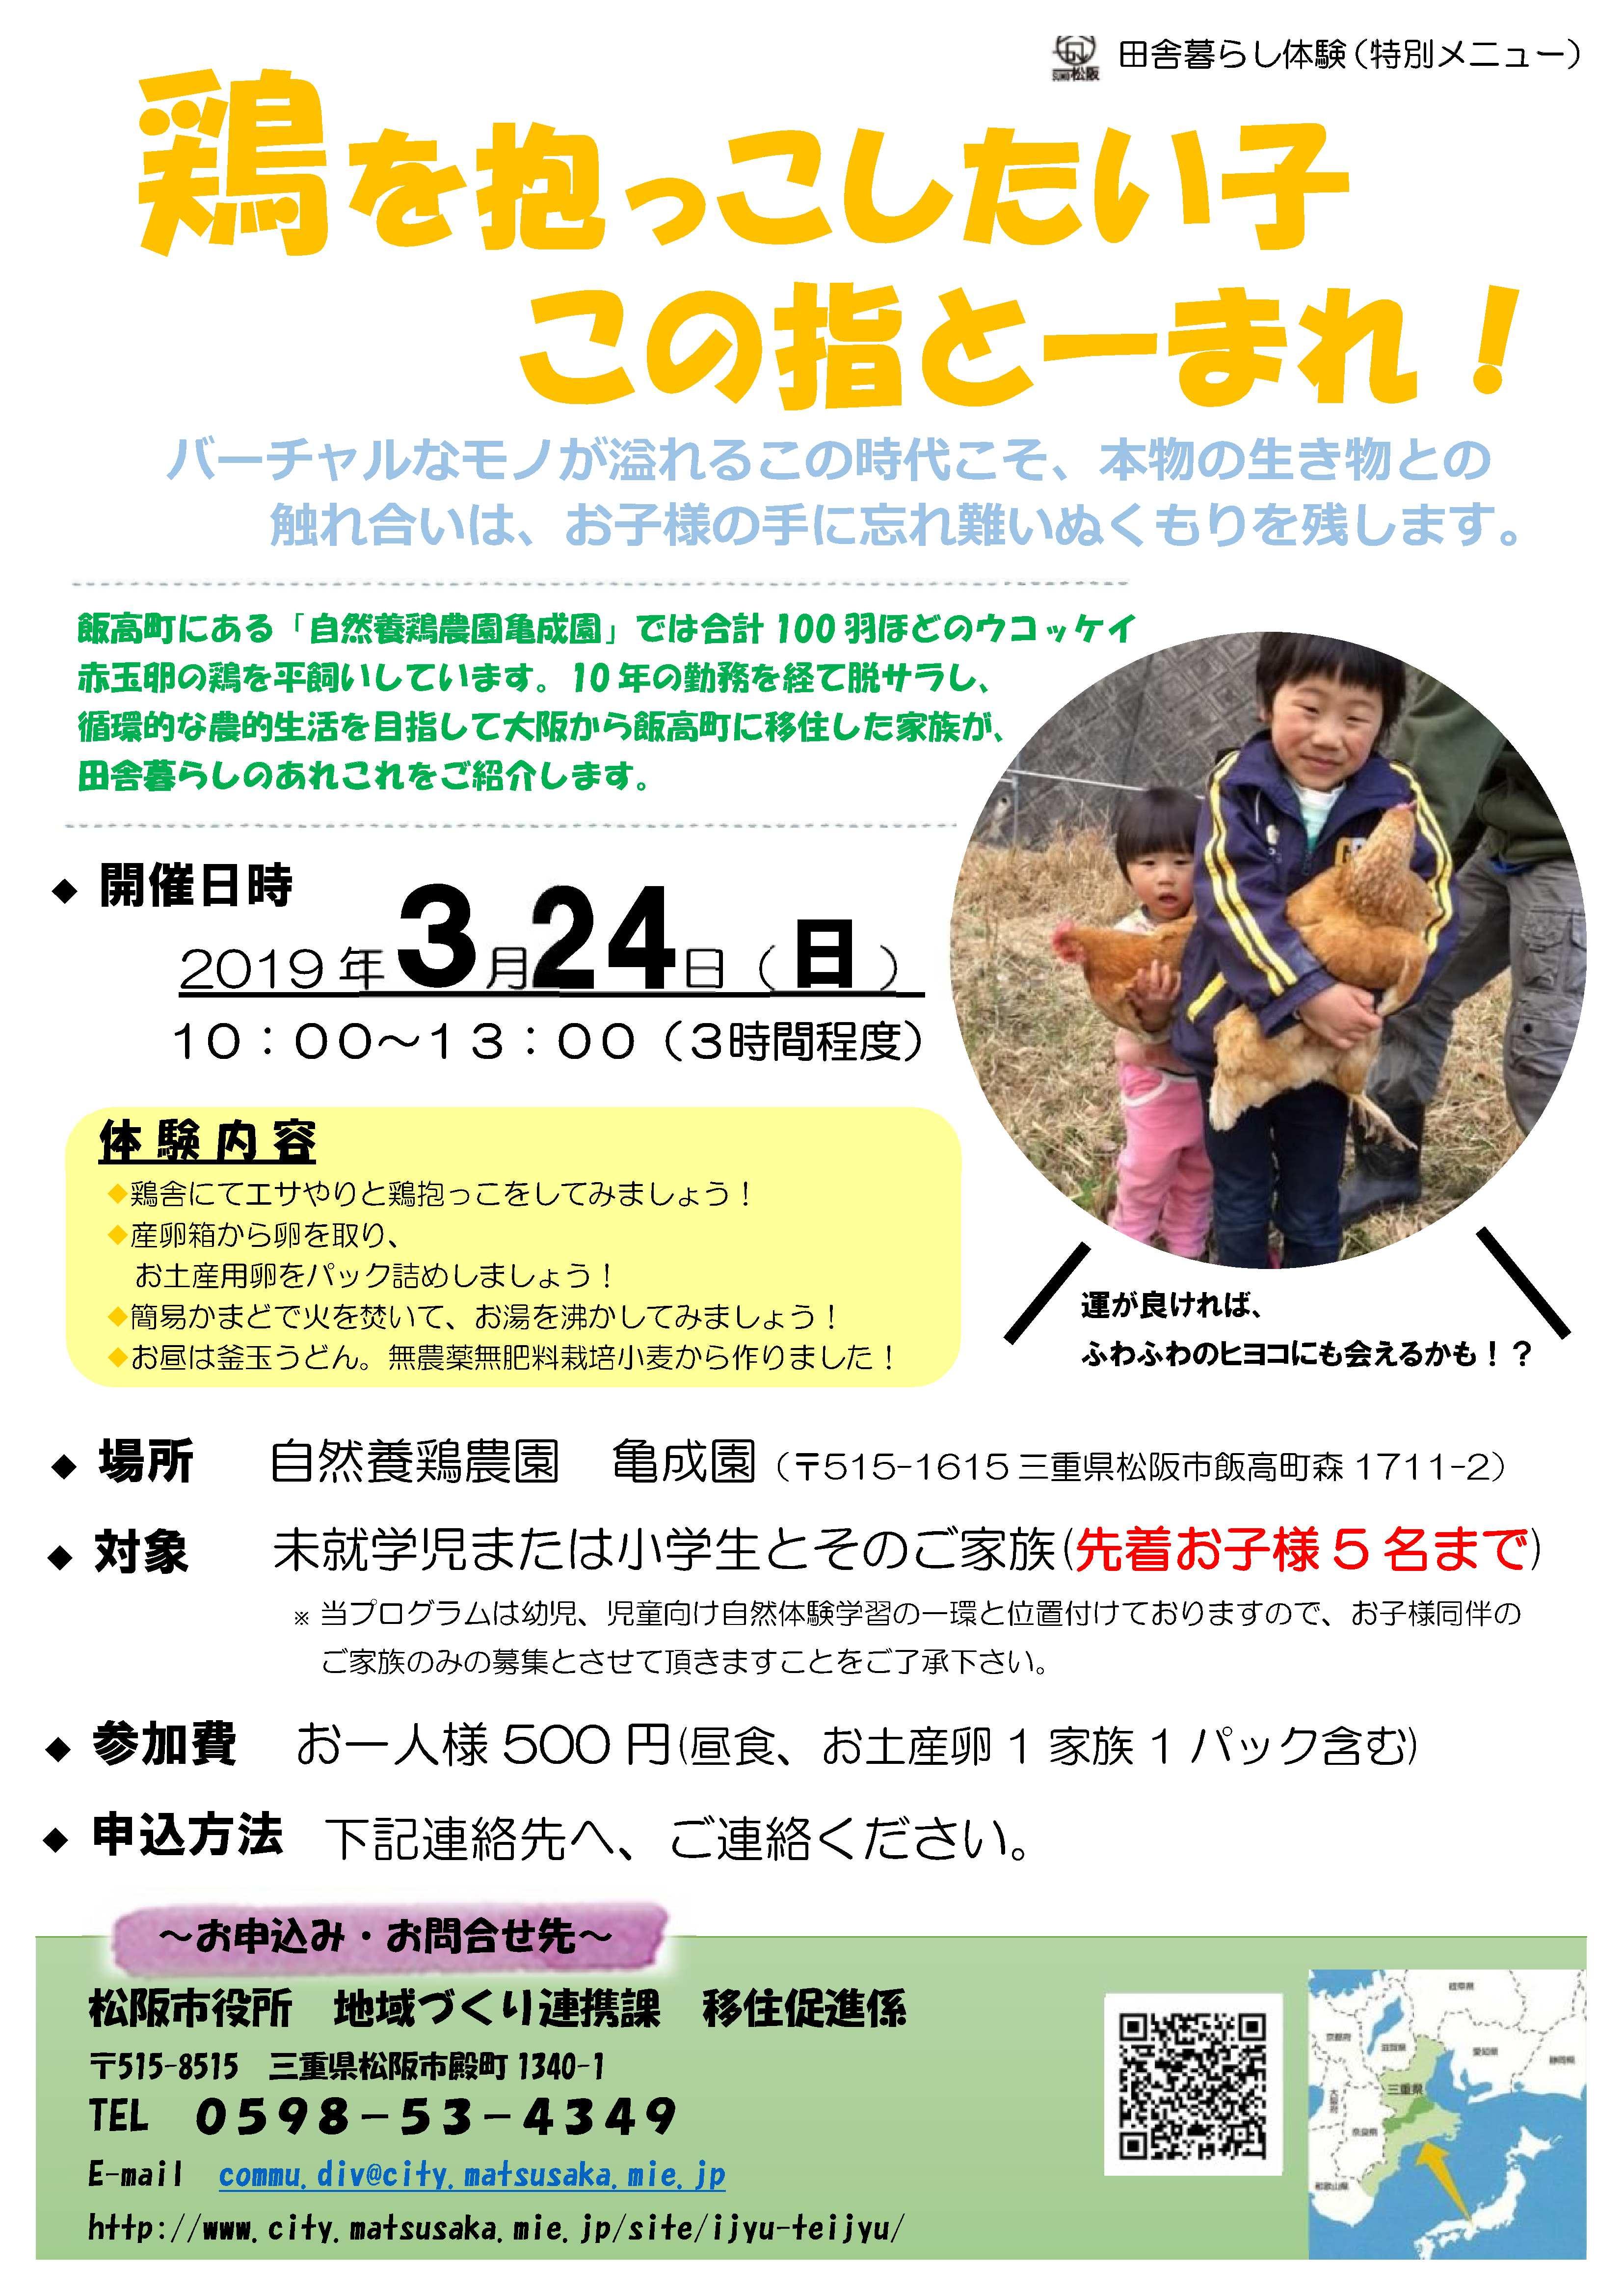 【3月24日(日)】松阪市飯高町での田舎暮らしを体験!鶏を抱っこしたい子 この指とーまれ!(参加者募集)_写真1